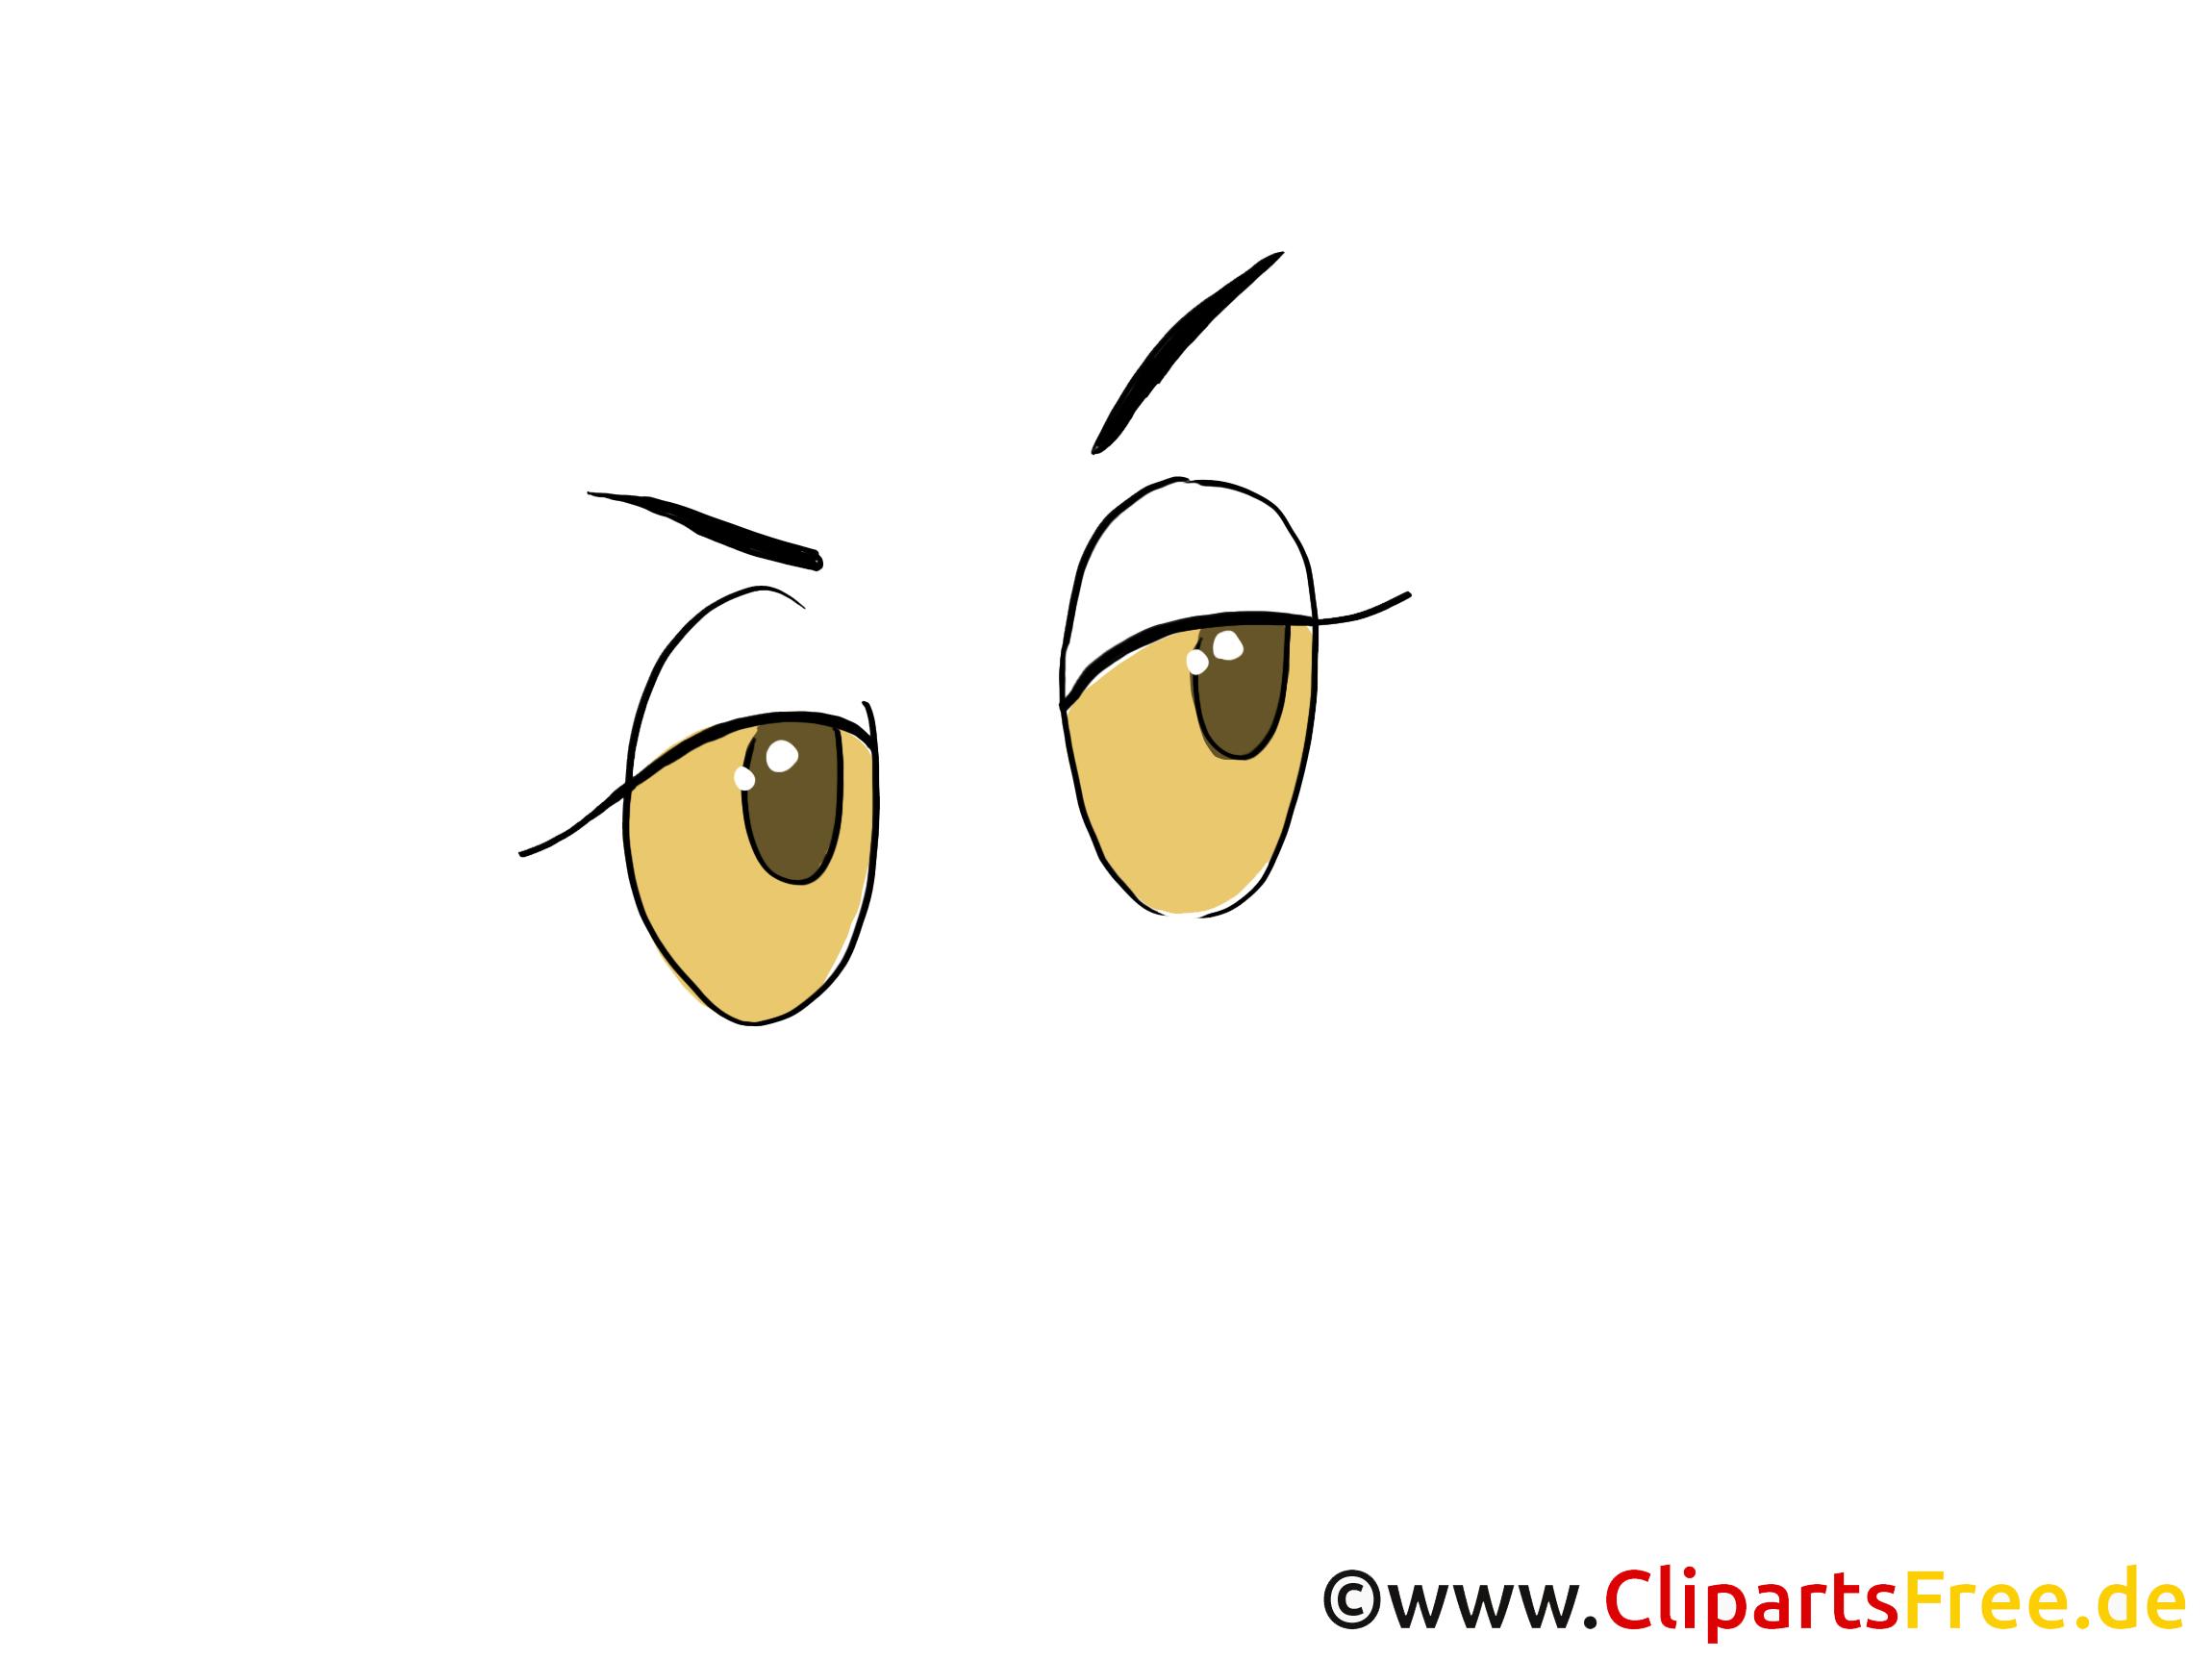 En cachette image gratuite – Dessin illustration